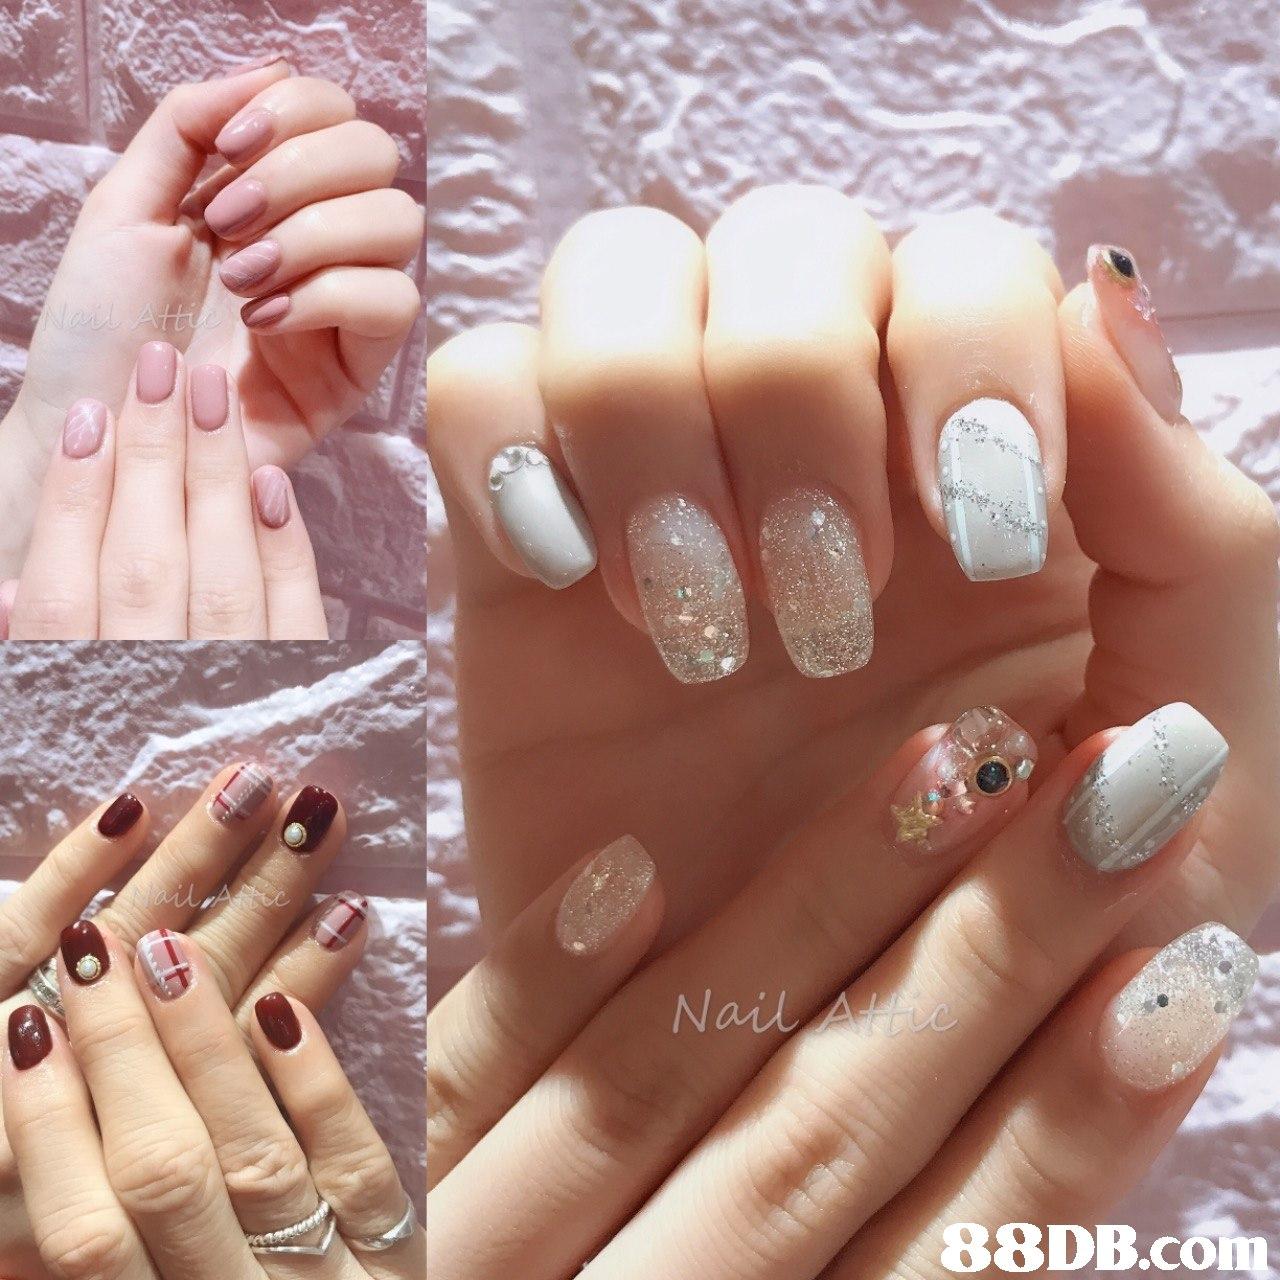 Nail 88DB.conm  nail,finger,nail care,manicure,hand